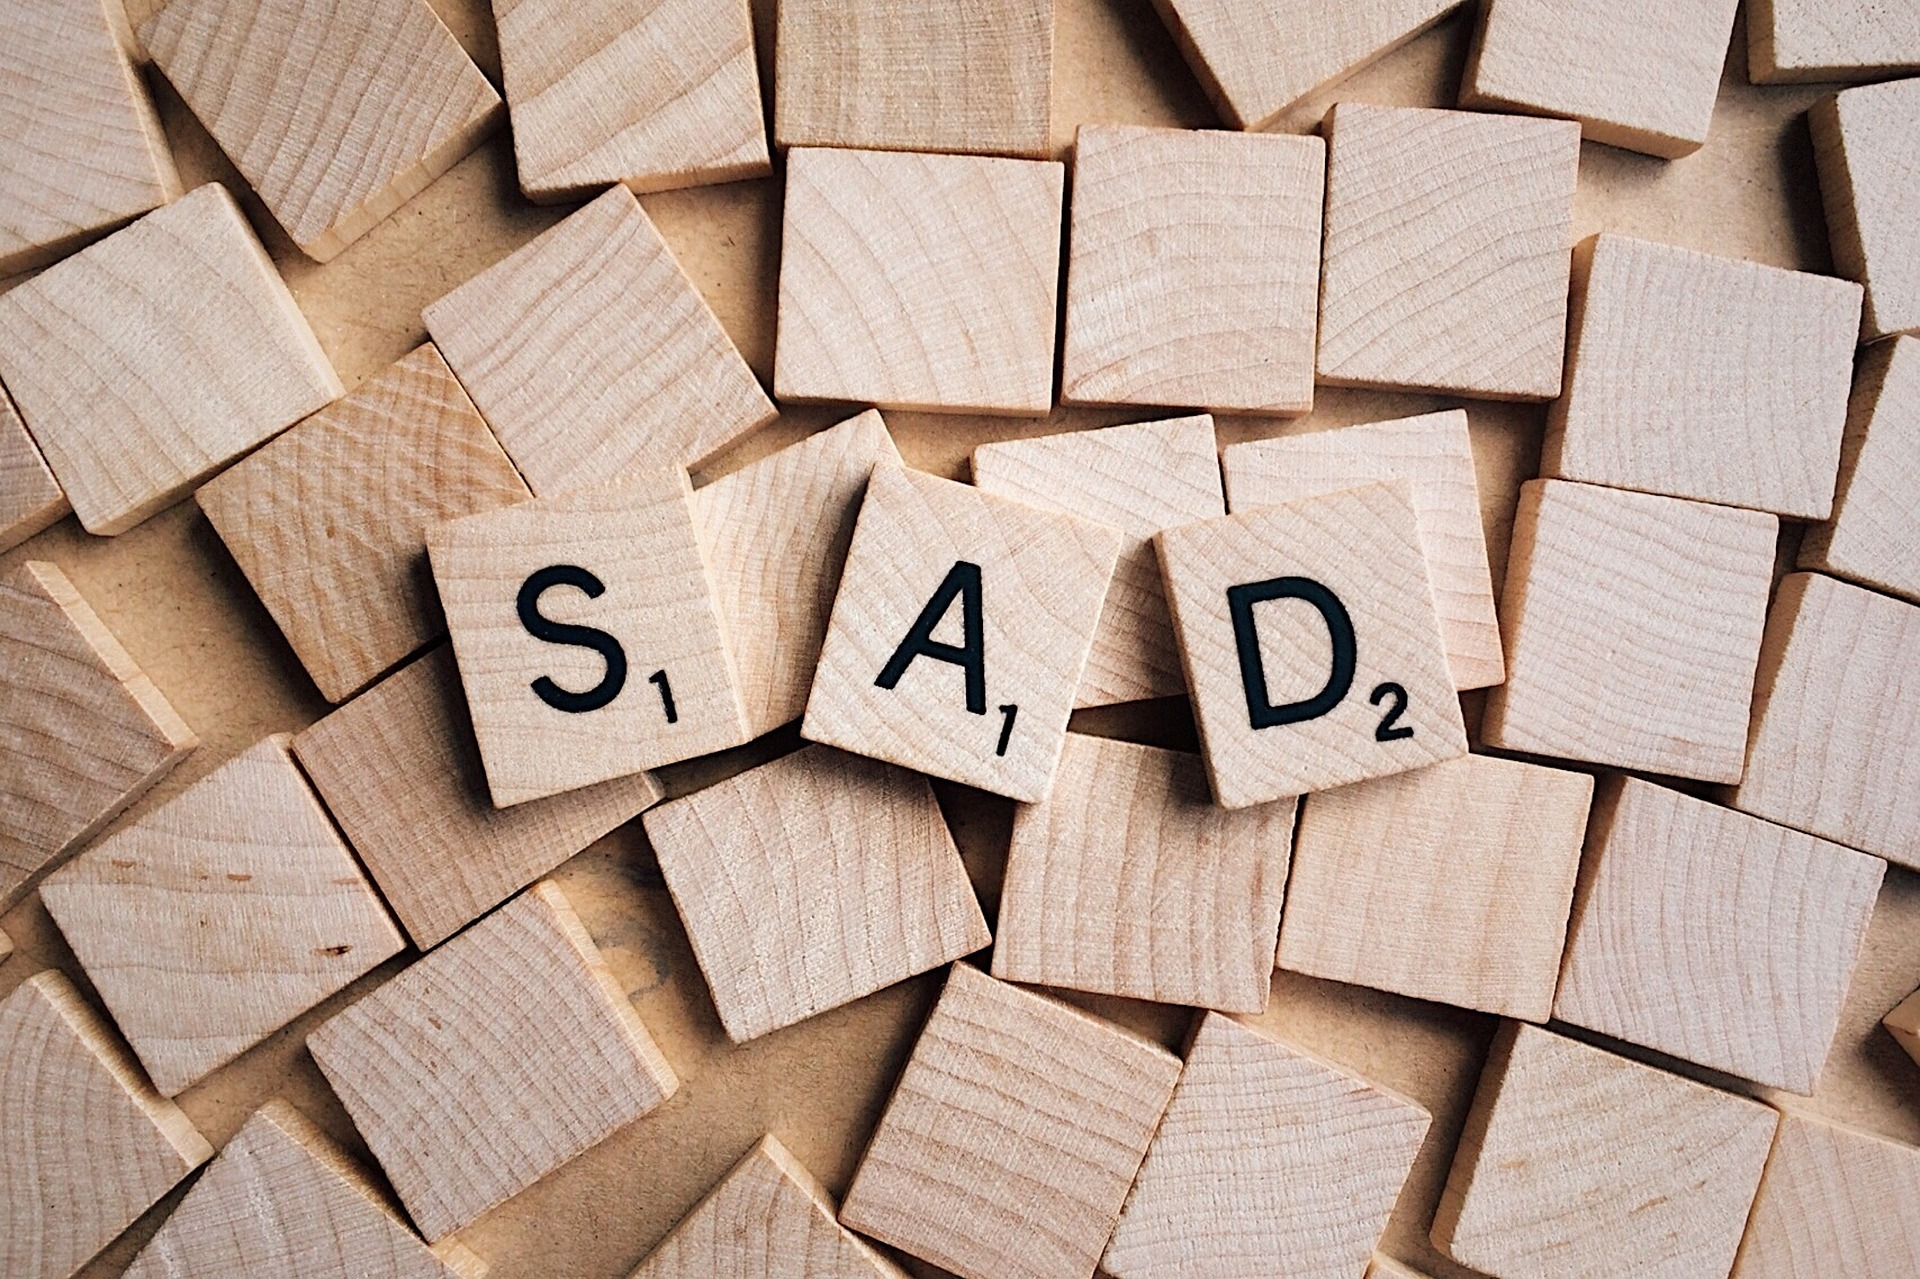 sad-2019926_1920.jpg